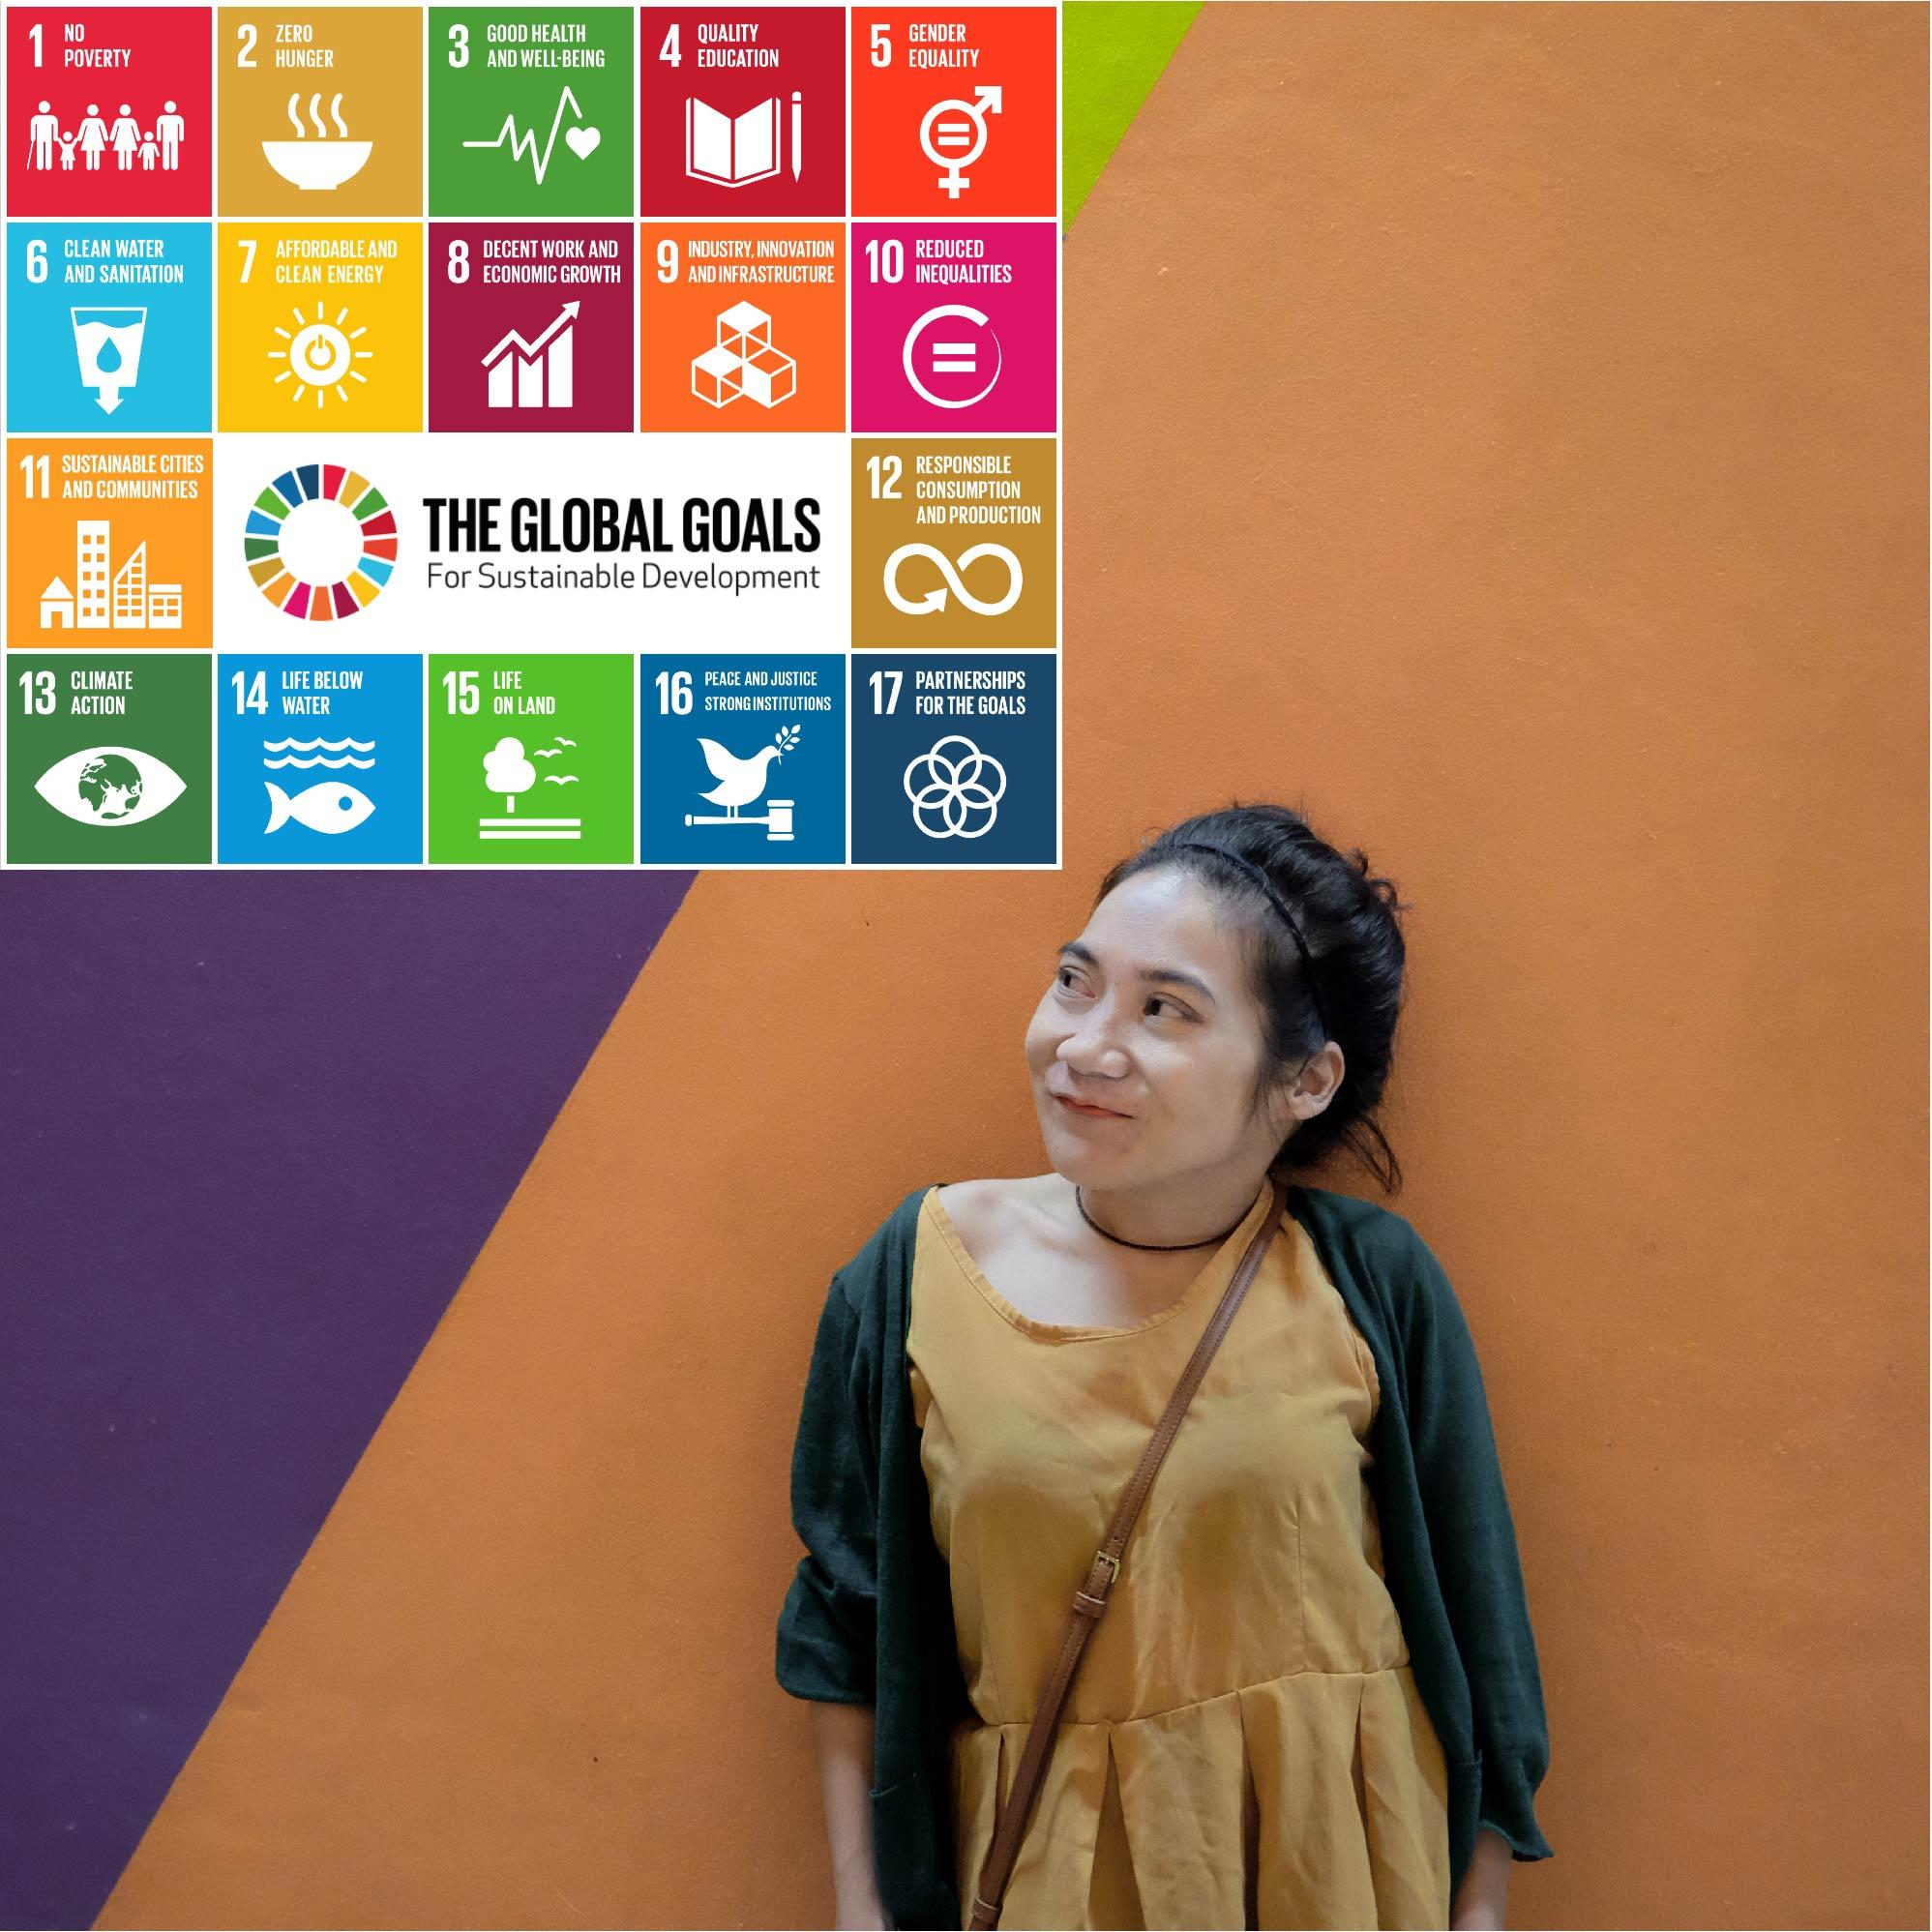 ผู้พิการในประเทศไทย และการมีส่วนร่วมในการพัฒนาที่ยั่งยืน – กับคุณเจนจิรา บุญสมบัติ